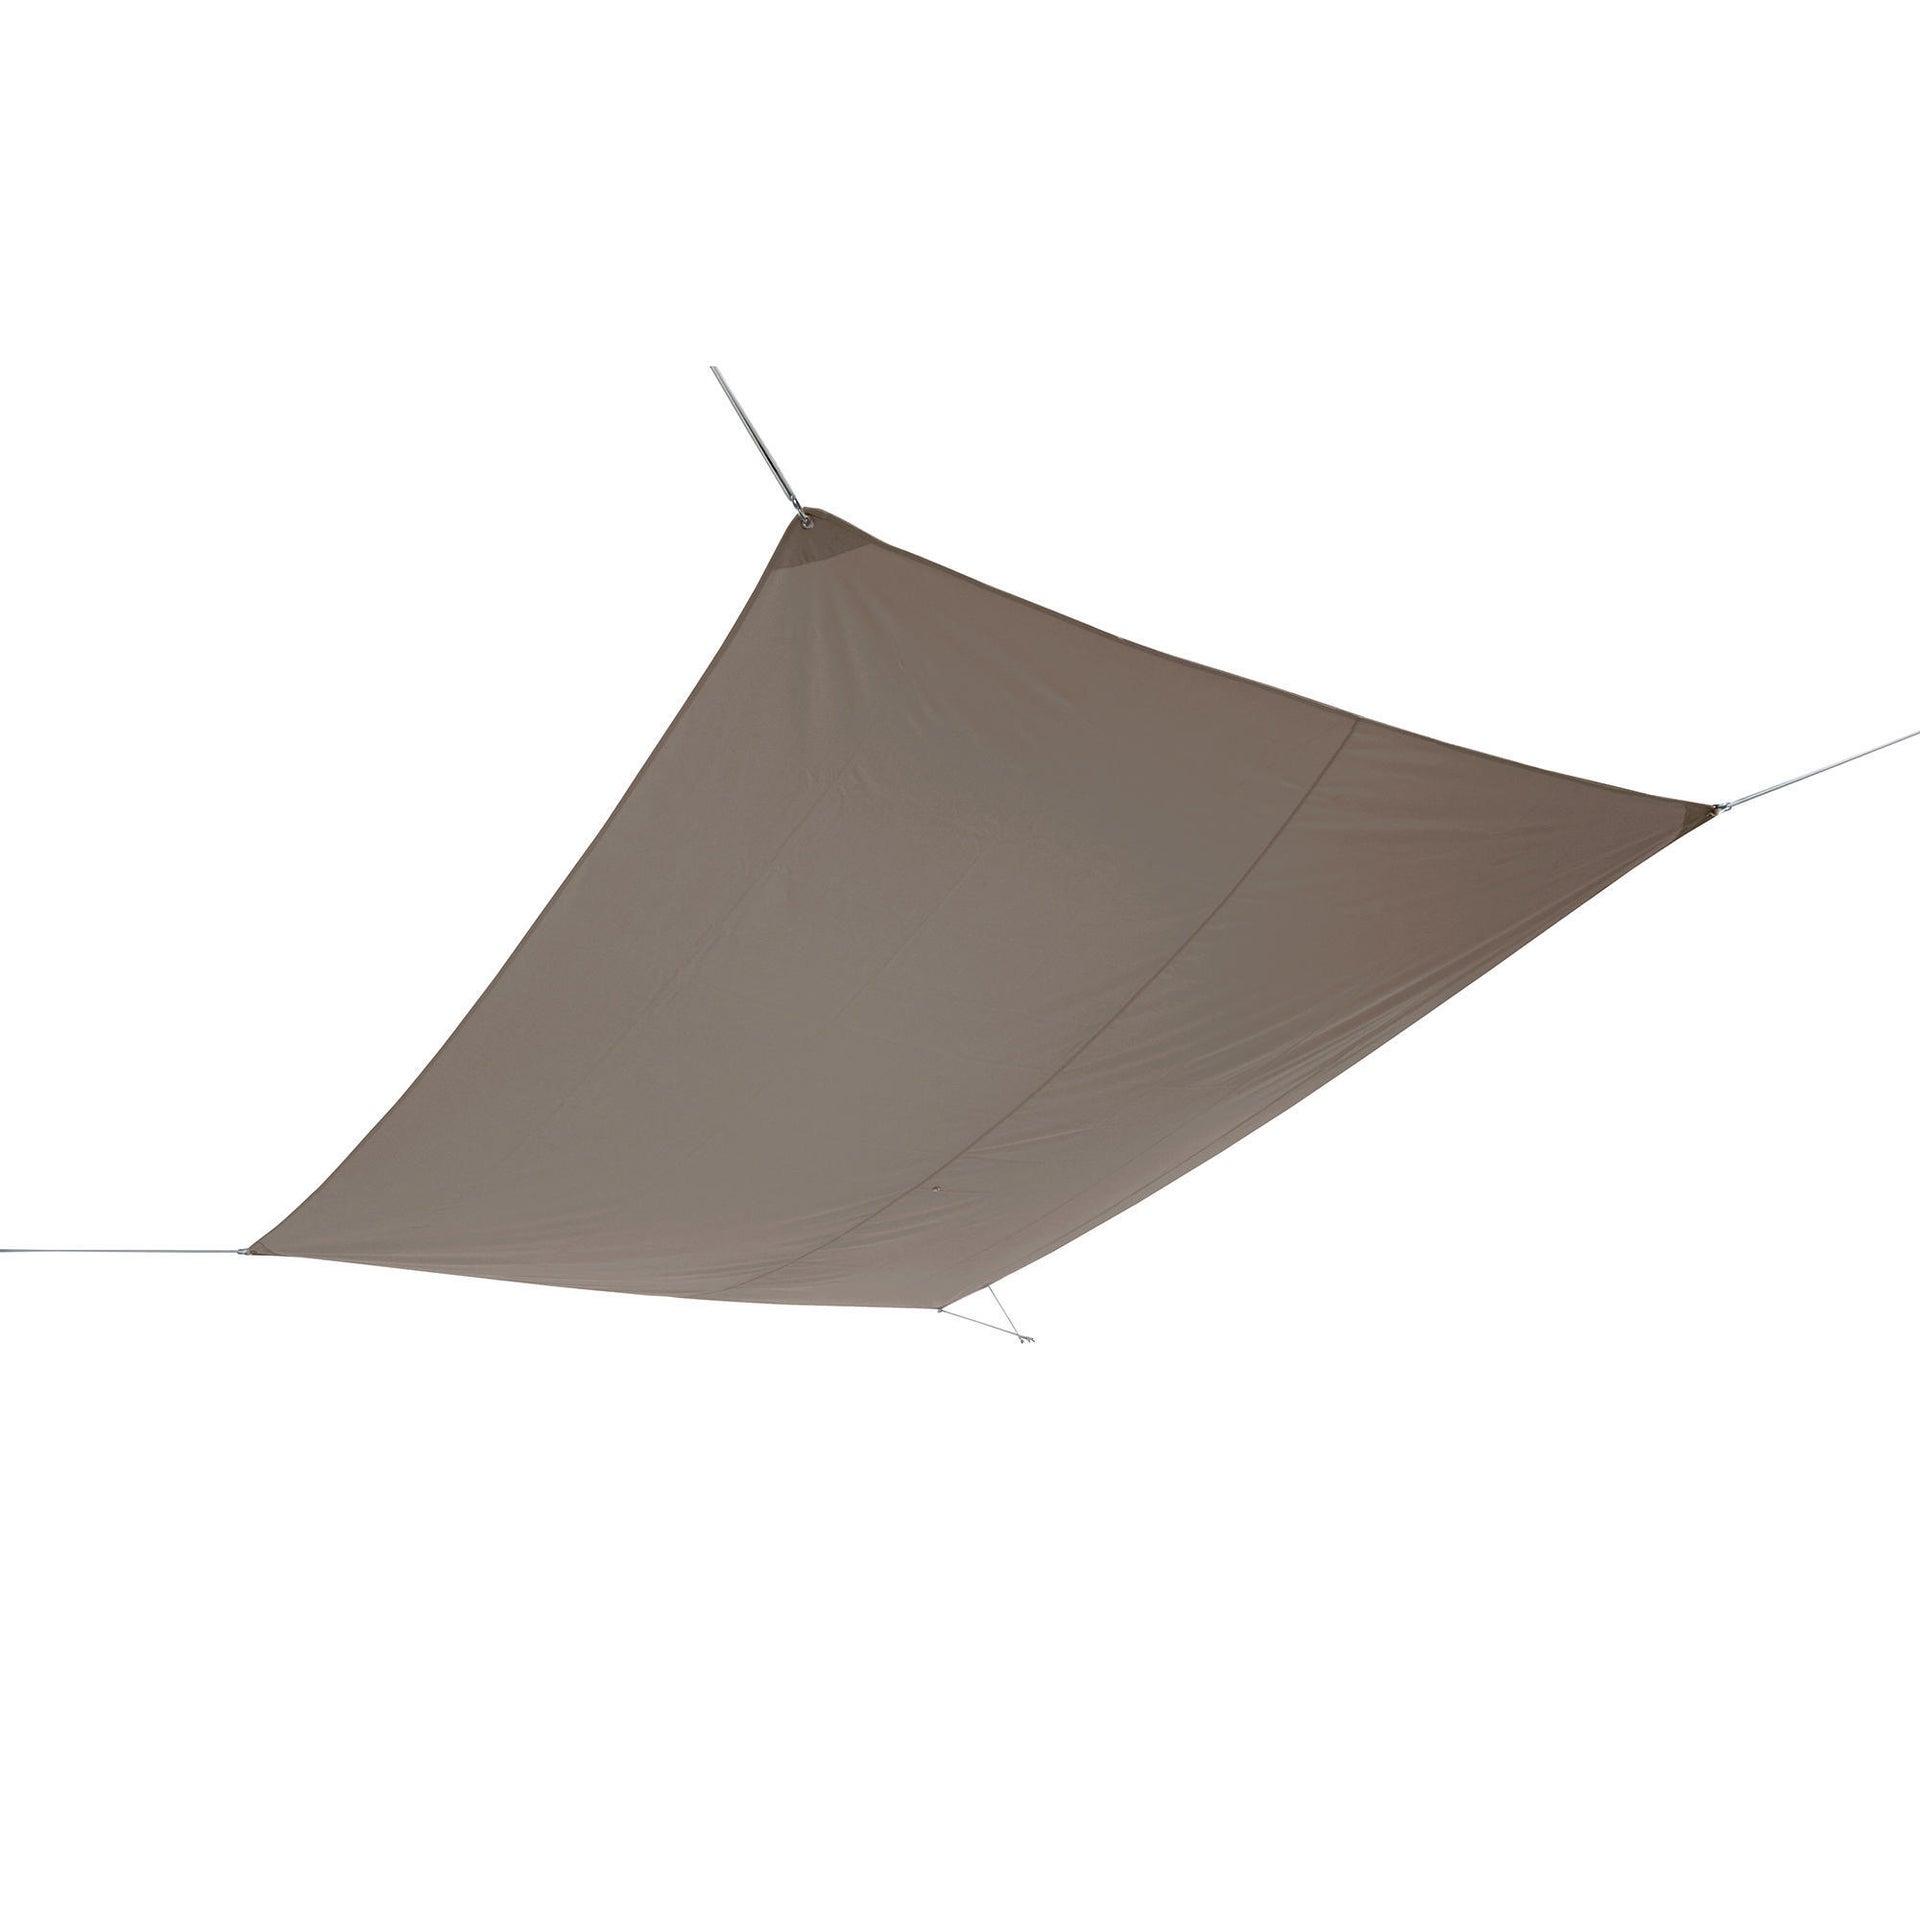 Vela ombreggiante Shade rettangolare tortora 300 x 400 cm - 3